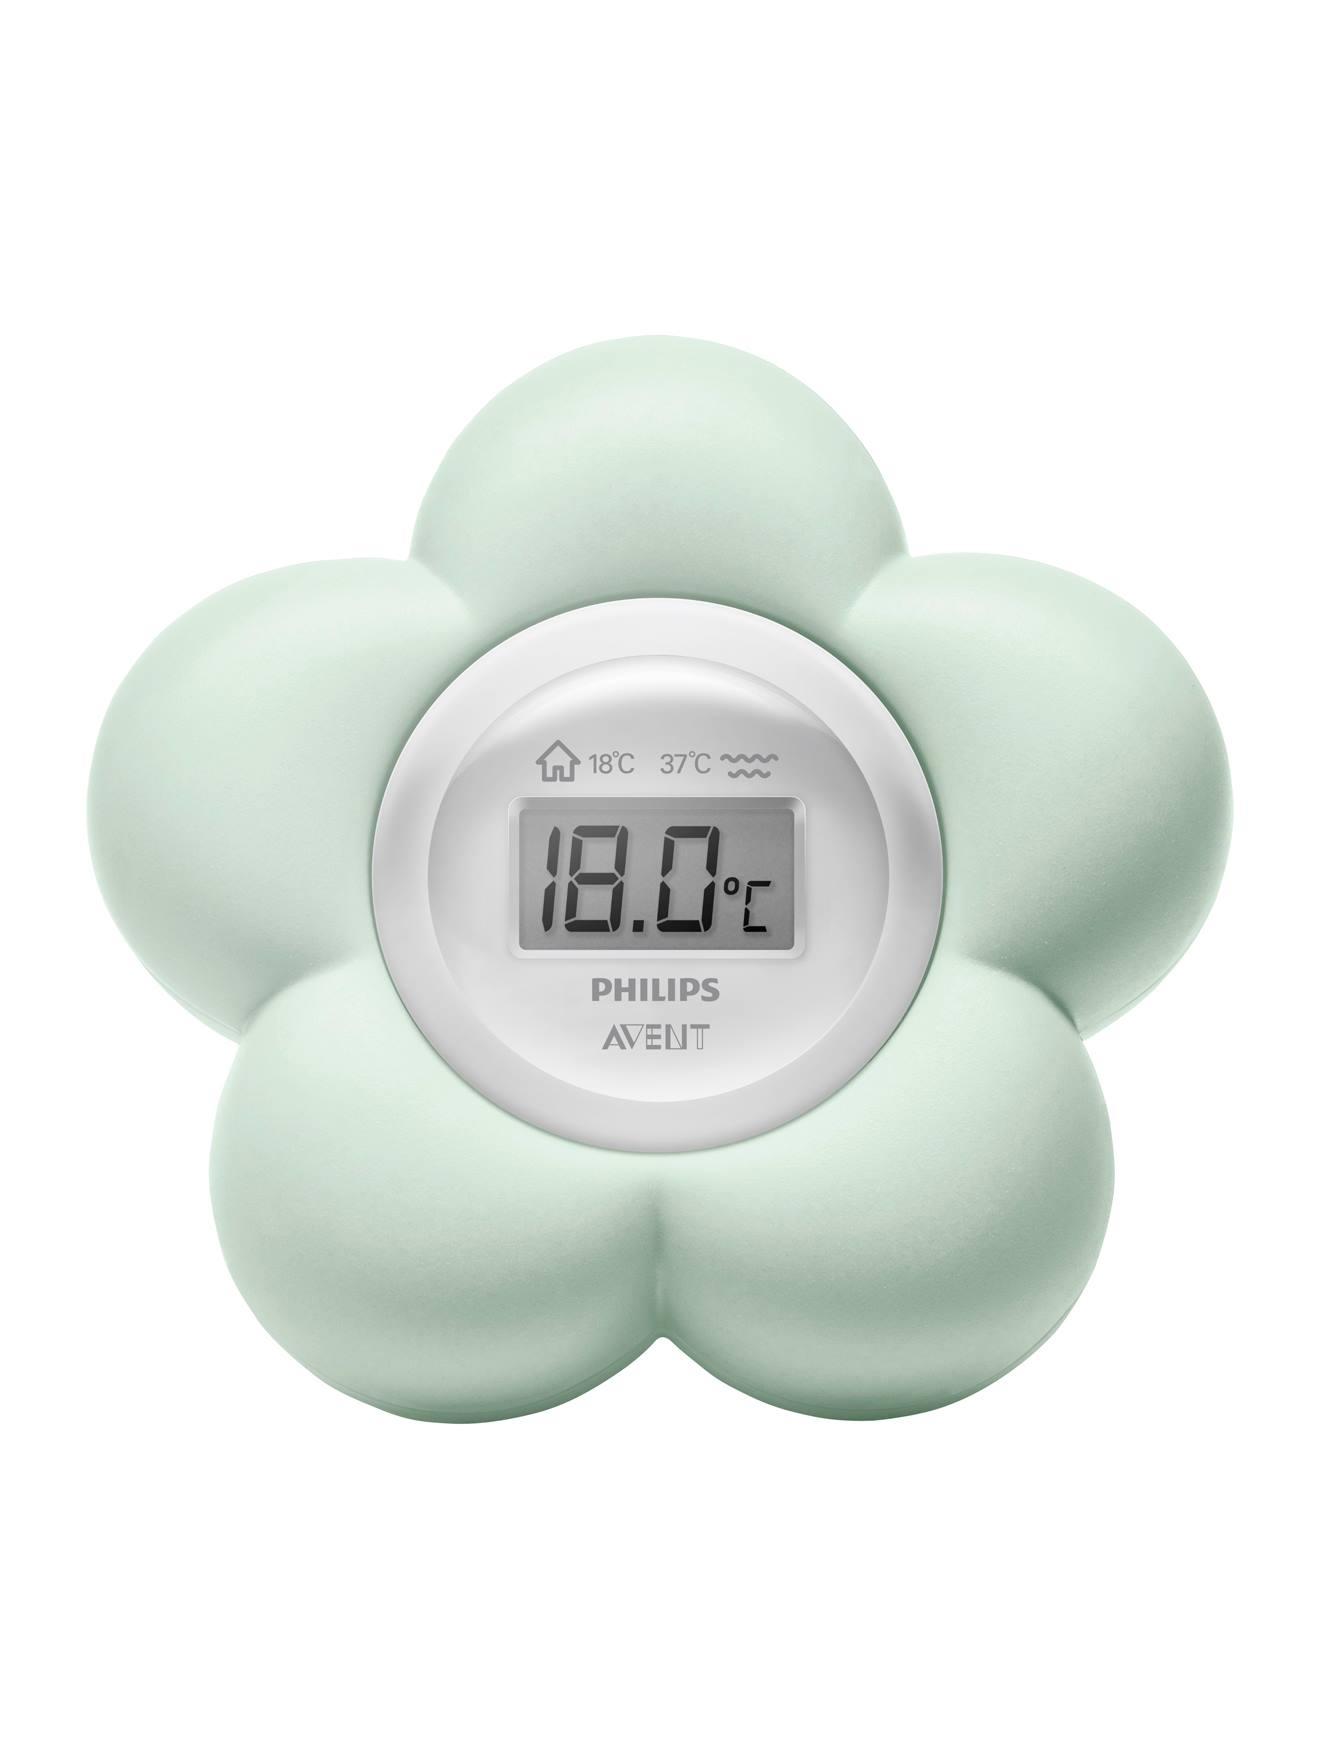 thermometre numerique 2 en 1 philips avent forme fleur